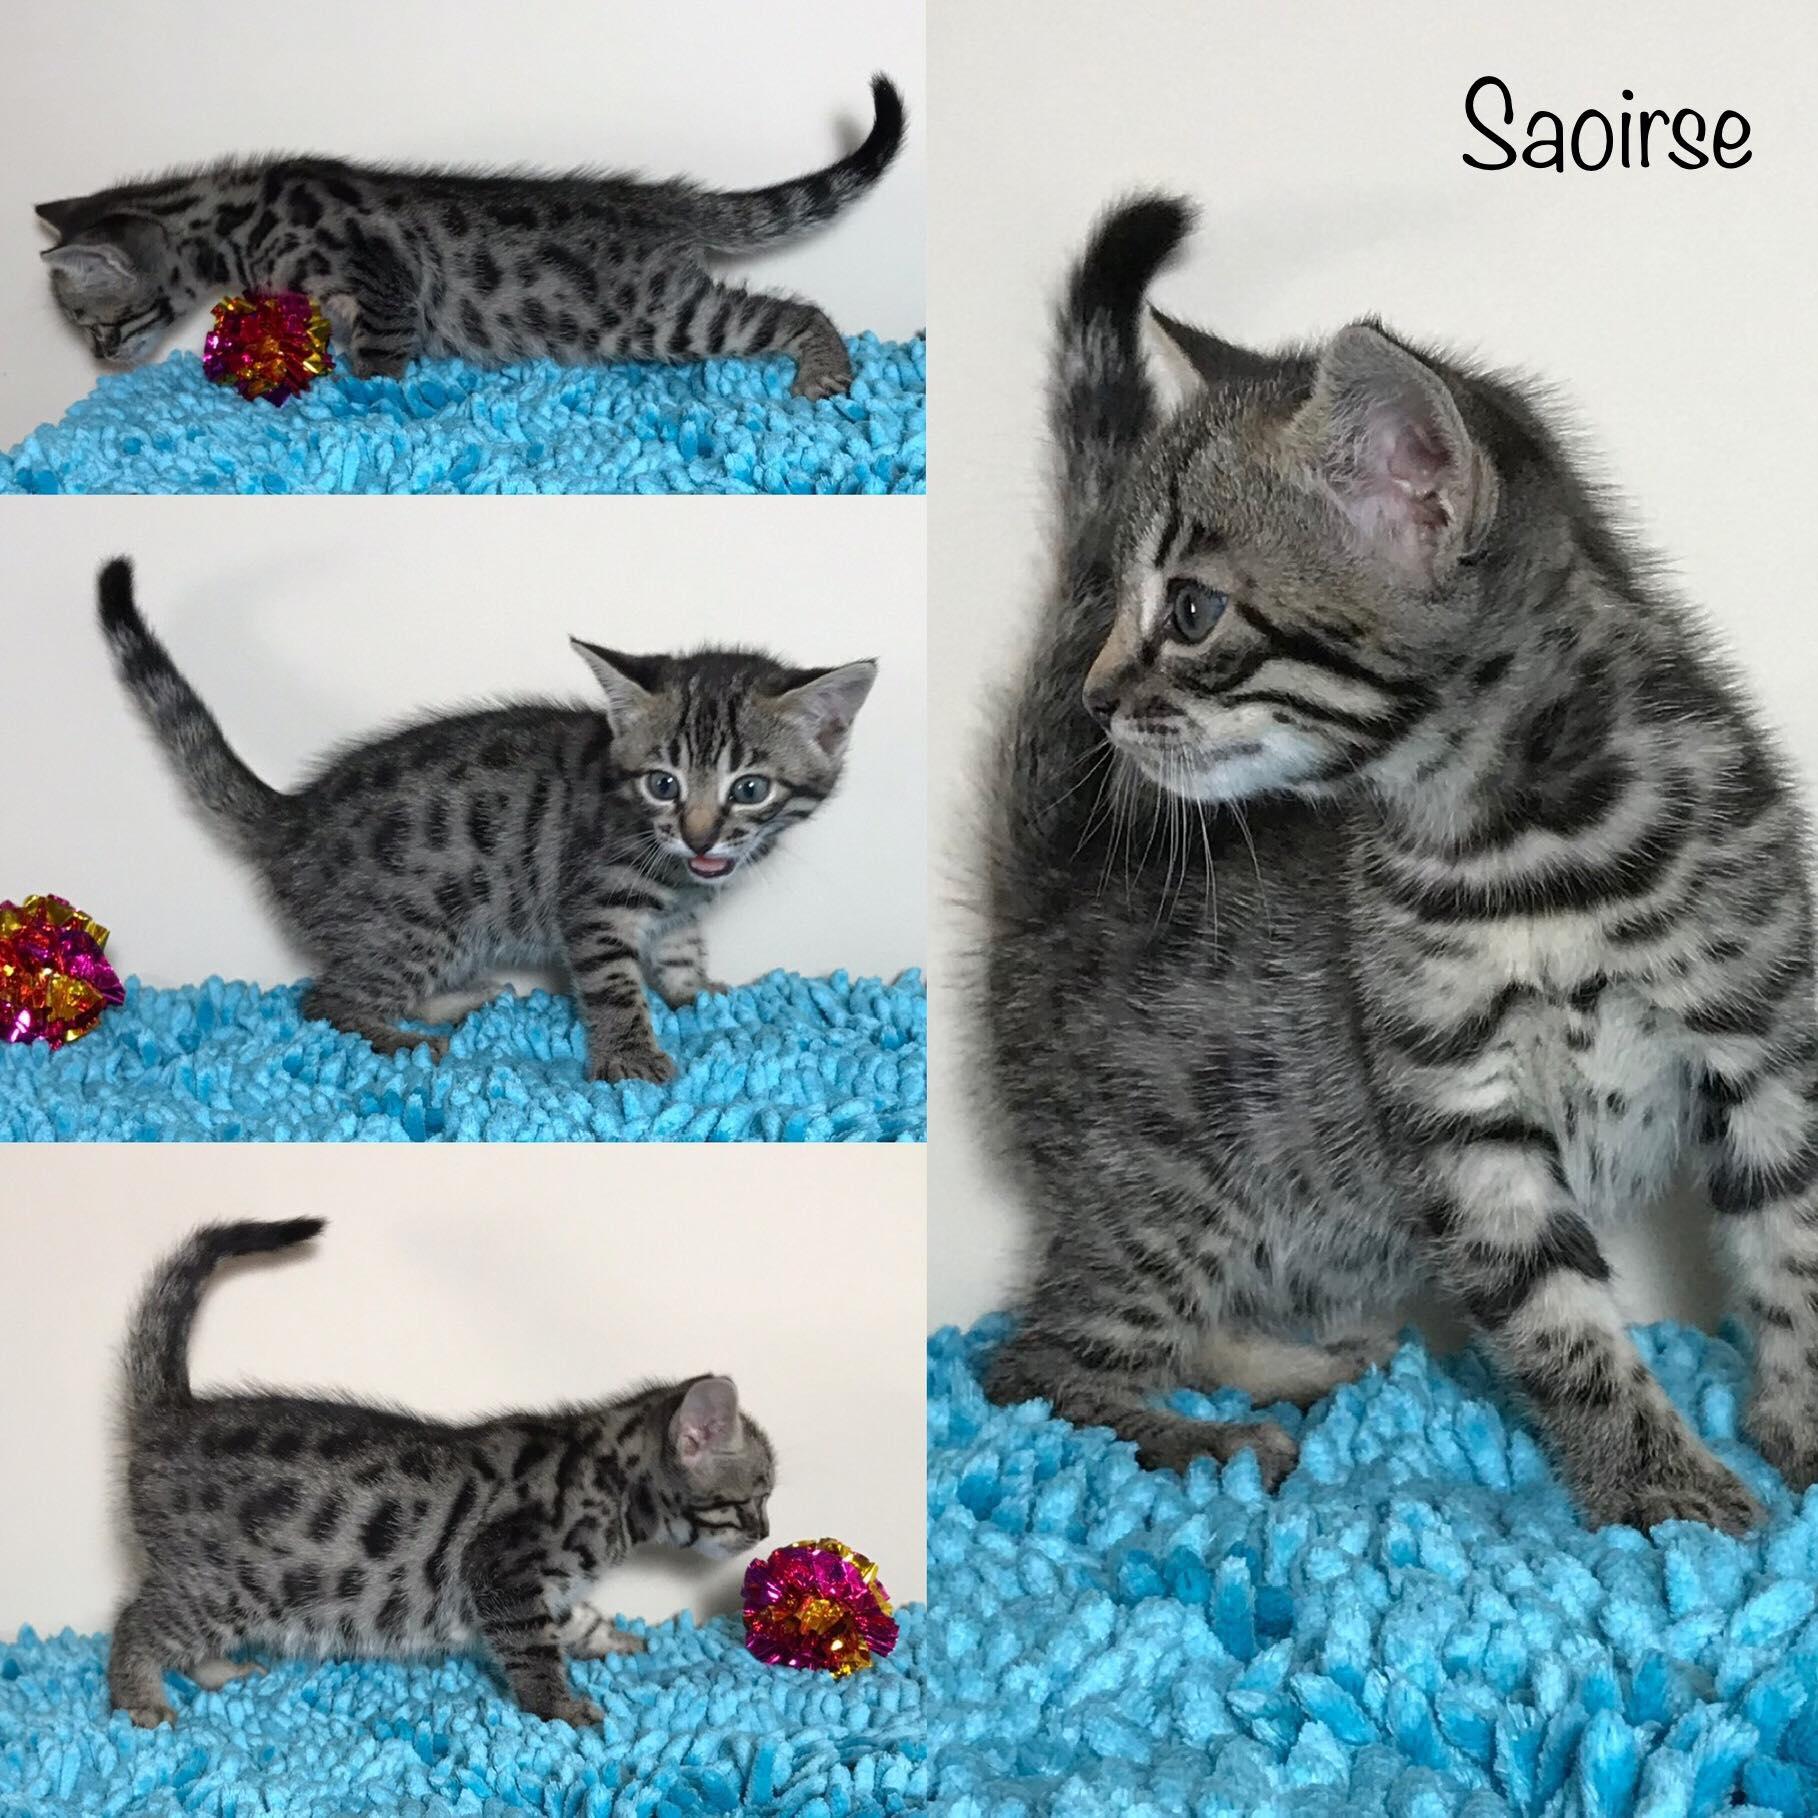 Saoirse 5 weeks